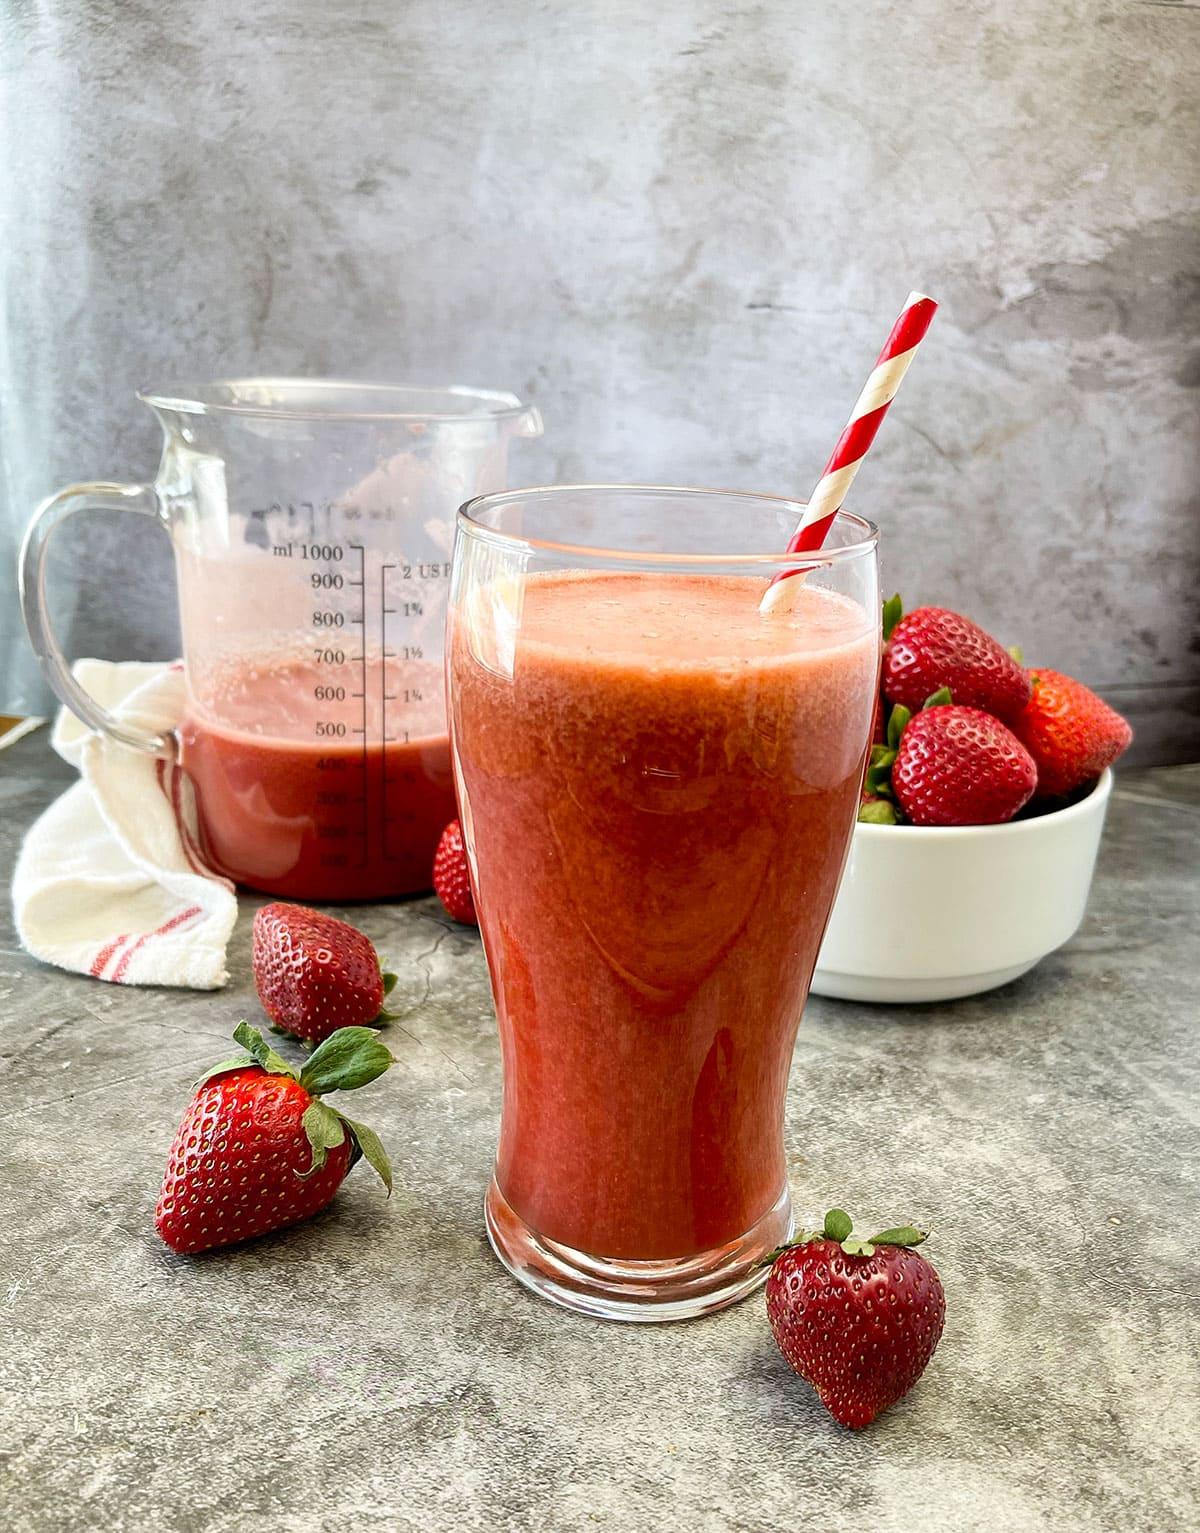 Strawberry Acai Lemonade